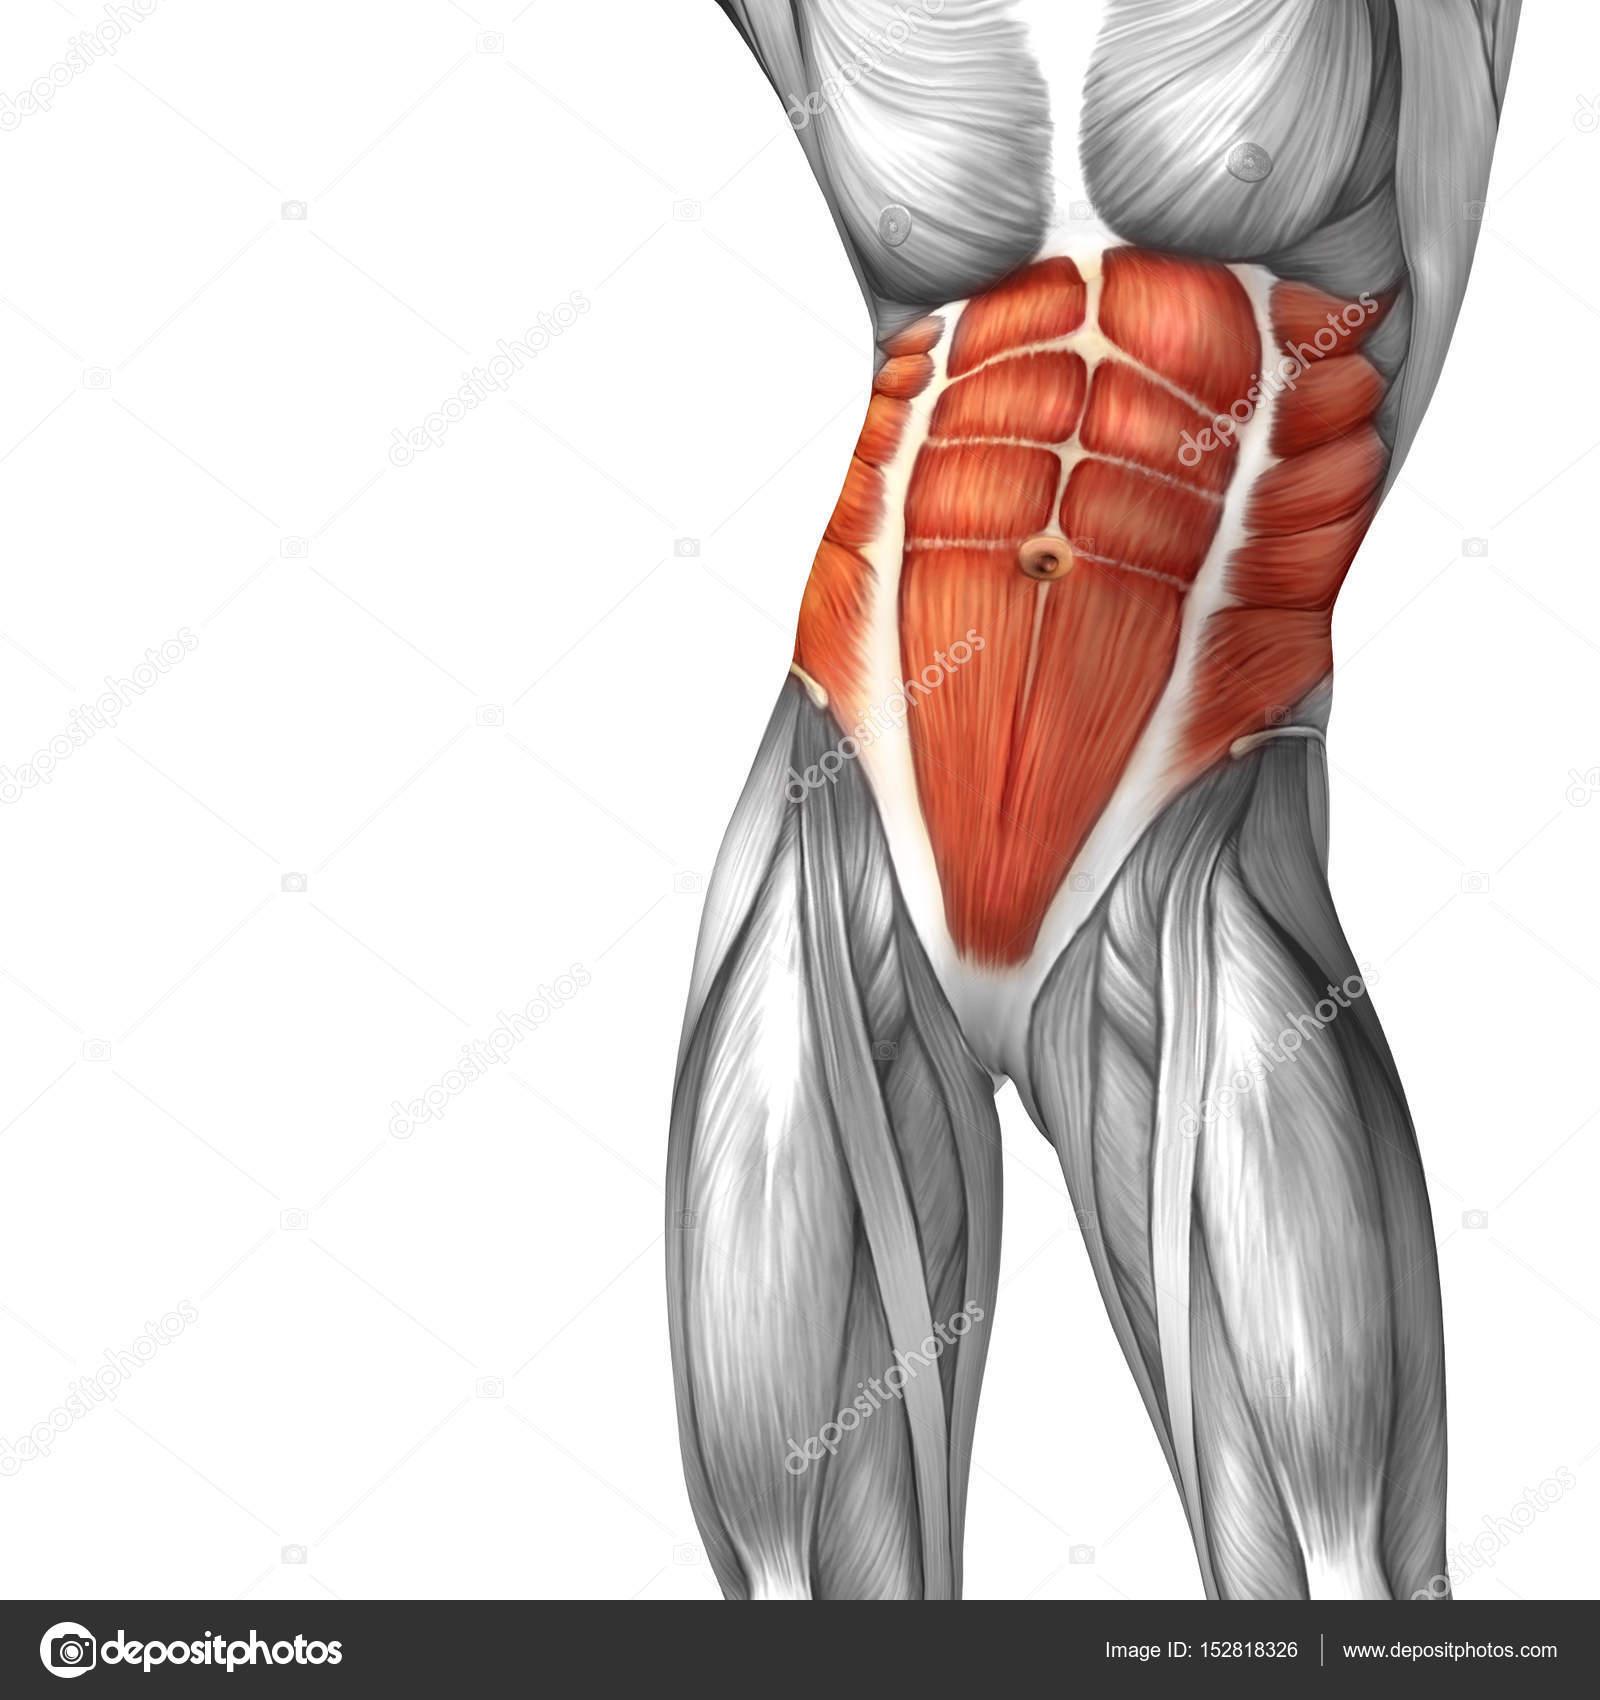 menschliche Bauchfell Anatomie — Stockfoto © design36 #152818326